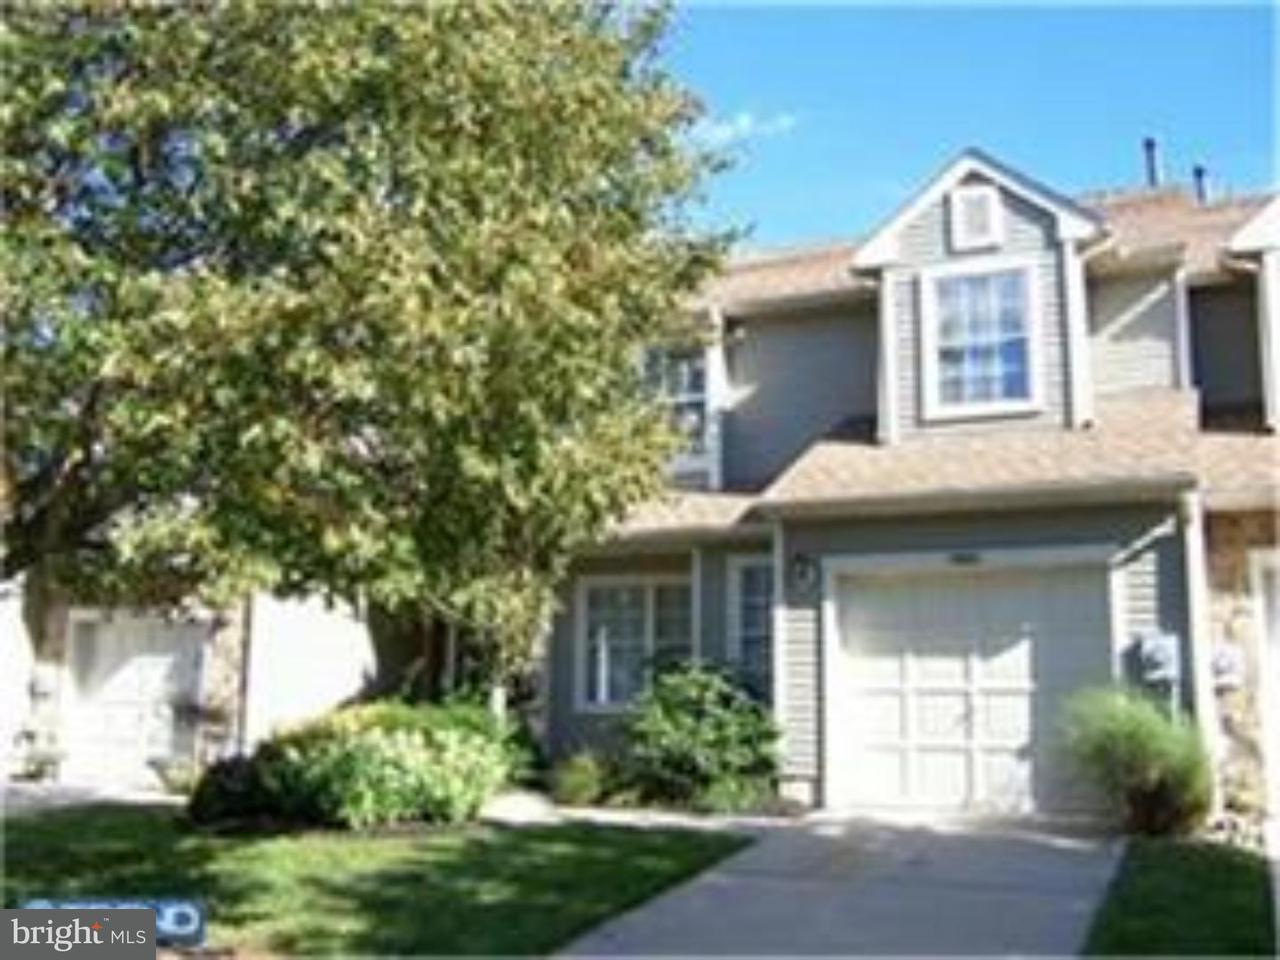 Casa unifamiliar adosada (Townhouse) por un Alquiler en 903 MASTERS Drive Blackwood, Nueva Jersey 08012 Estados Unidos